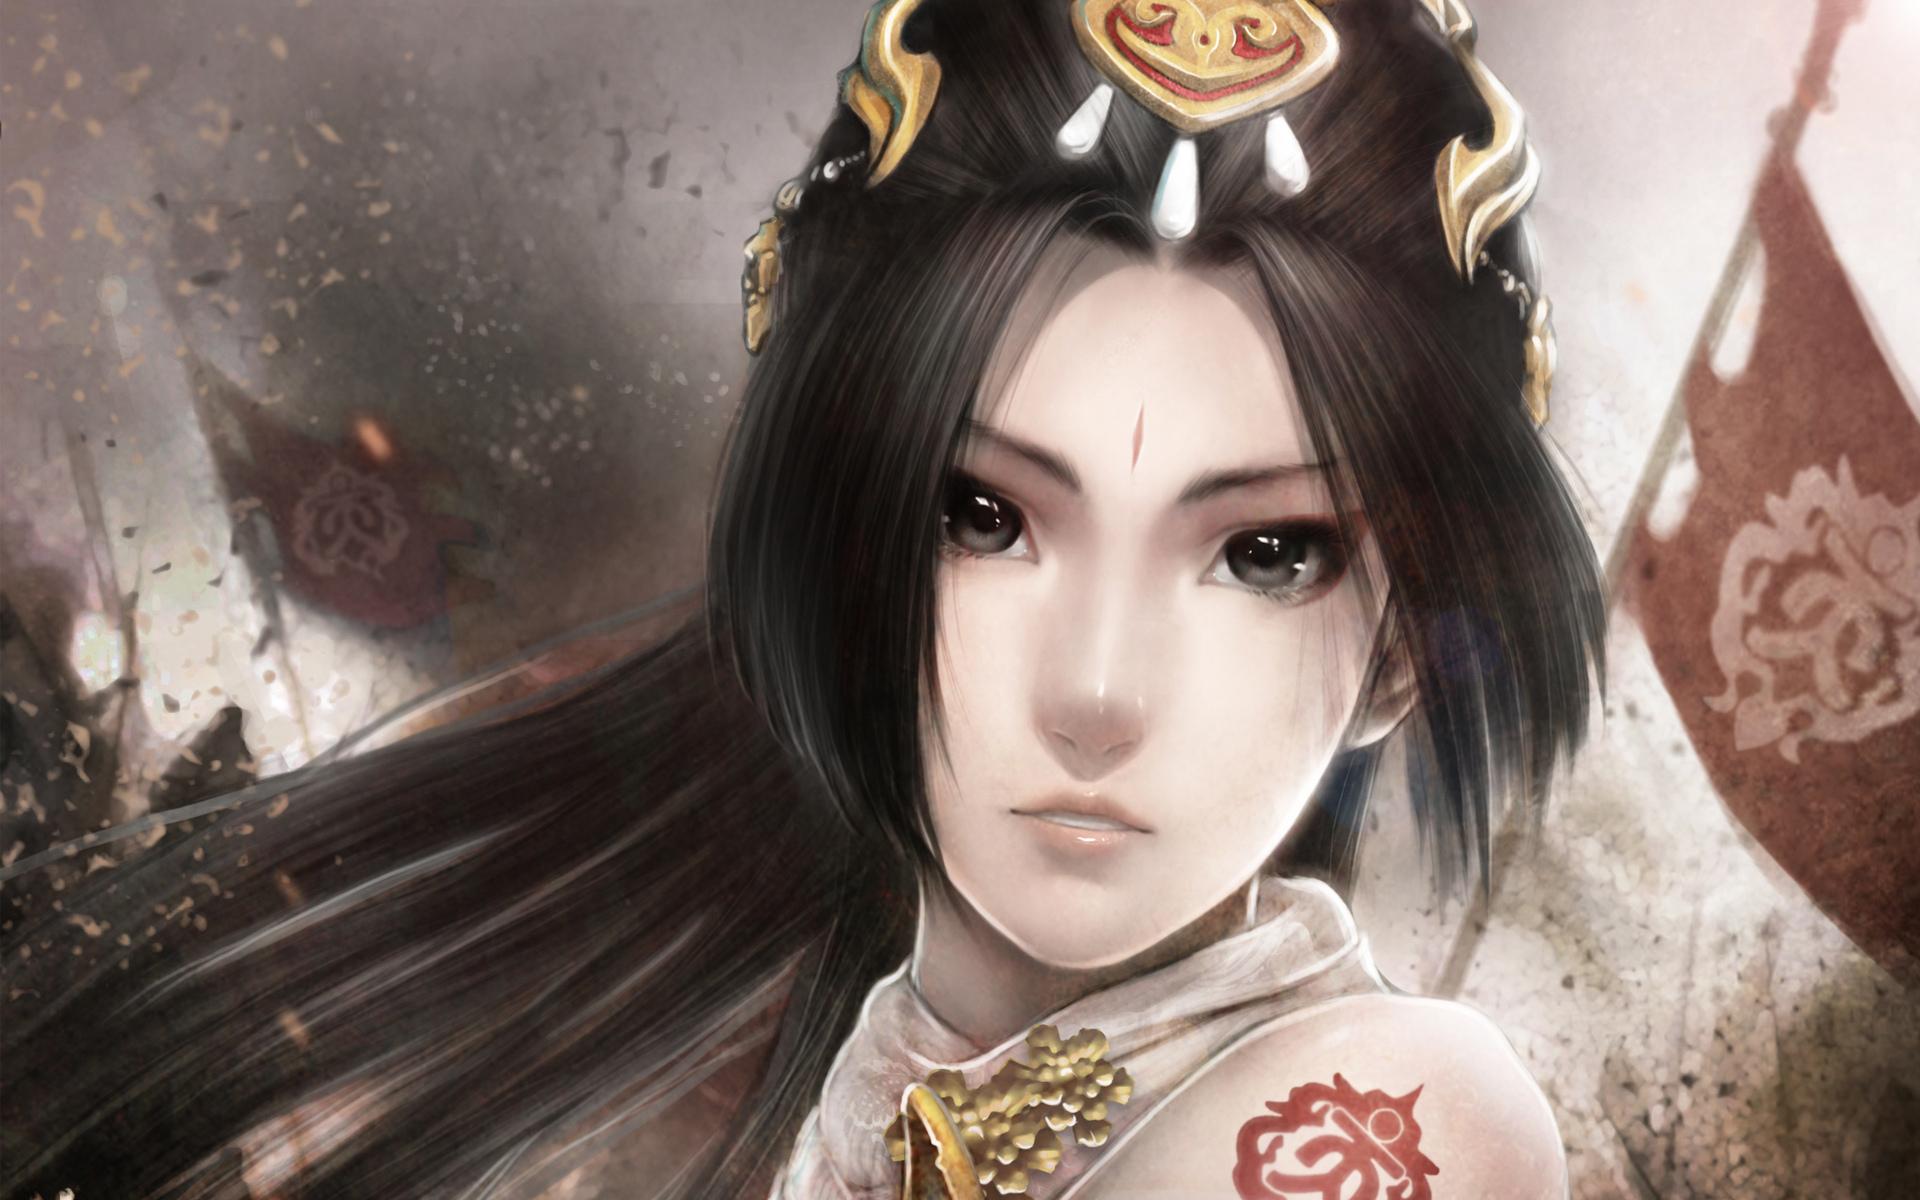 Asian girl image anime